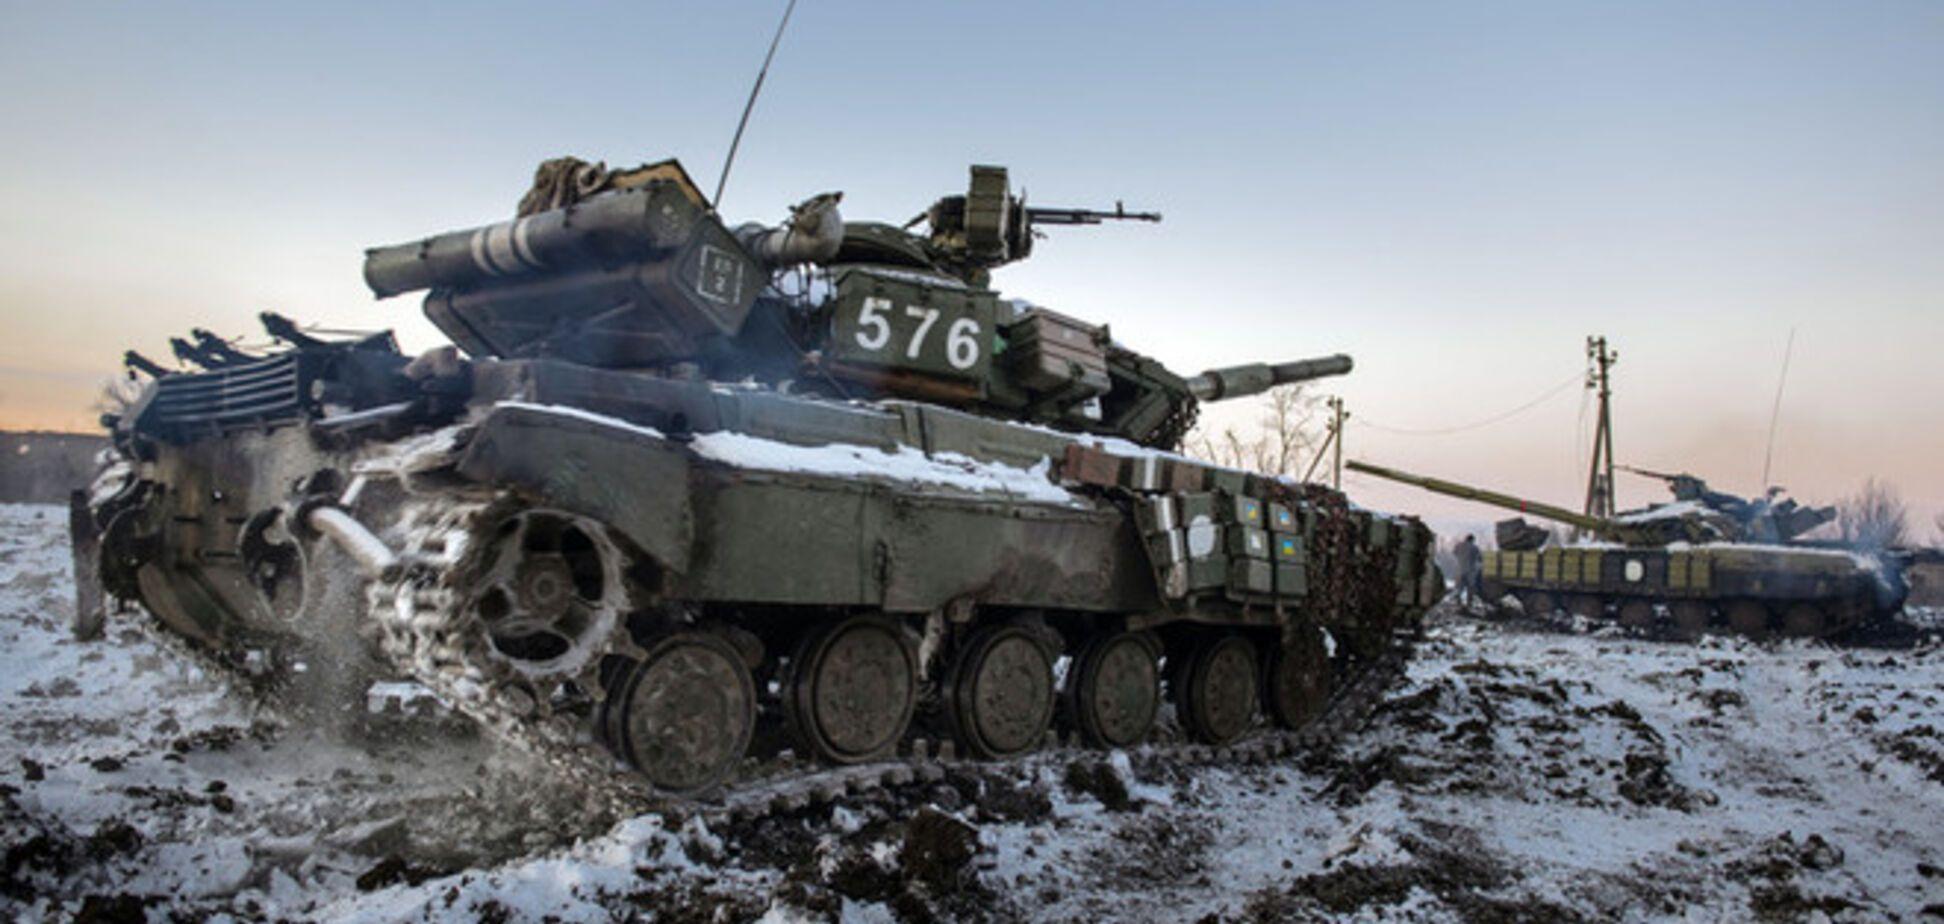 Міноборони заявило про знищення шести літаків і чотирьох вертольотів бойовиків на Донбасі